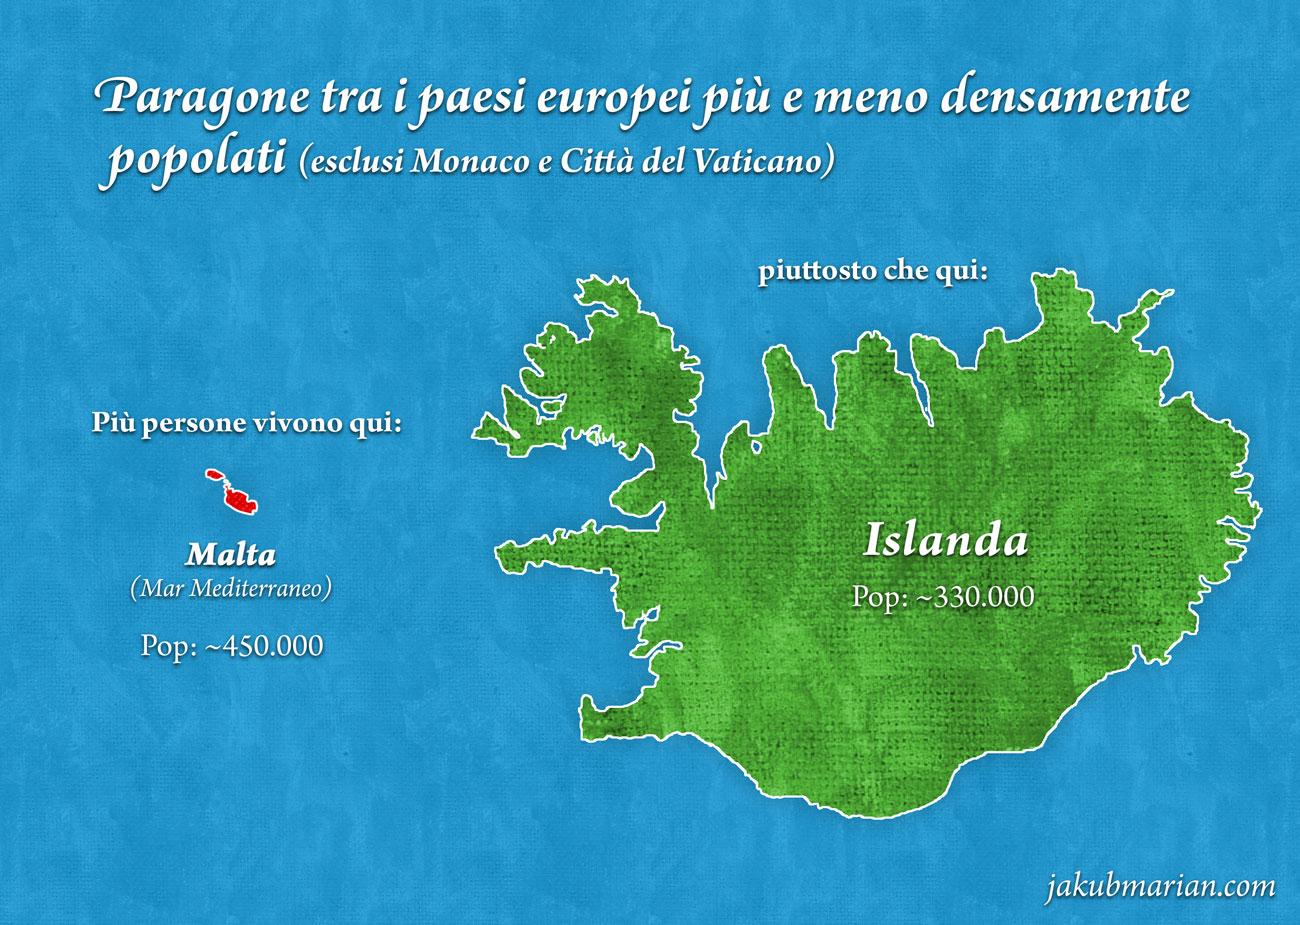 Malta e Islanda